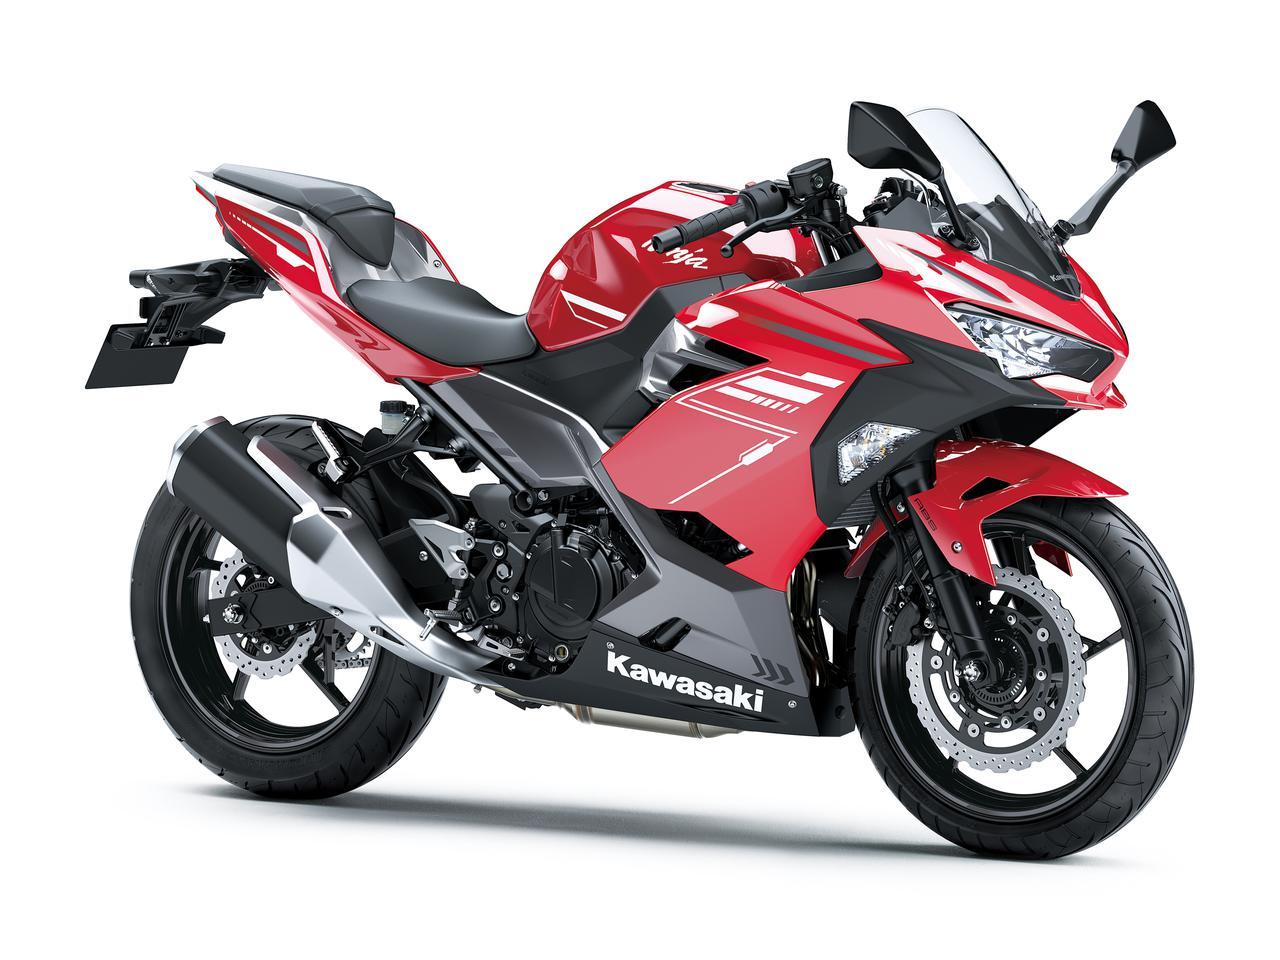 画像: Kawasaki Ninja250 総排気量:248cc エンジン形式:水冷4ストDOHC4バルブ並列2気筒 シート高:795mm 車両重量:166kg 発売日:2021年9月24日(金) 税込価格:65万4500円